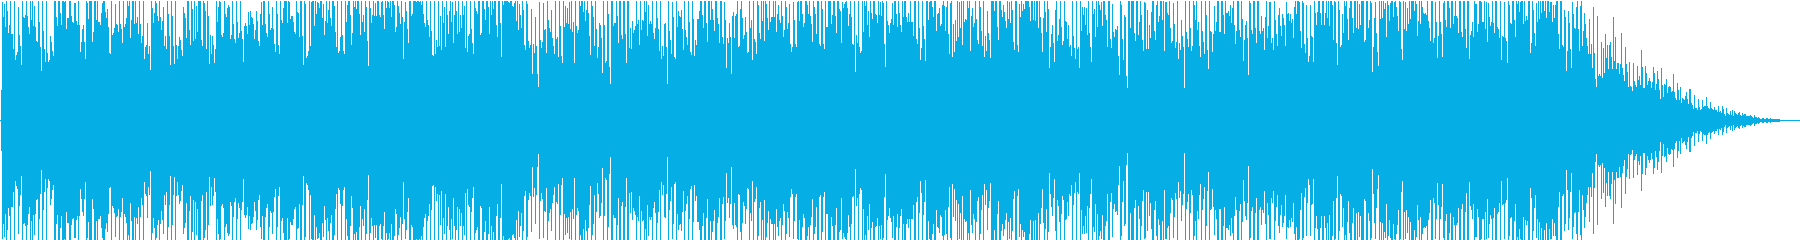 肌寒く浮遊感のあるBGMの再生済みの波形